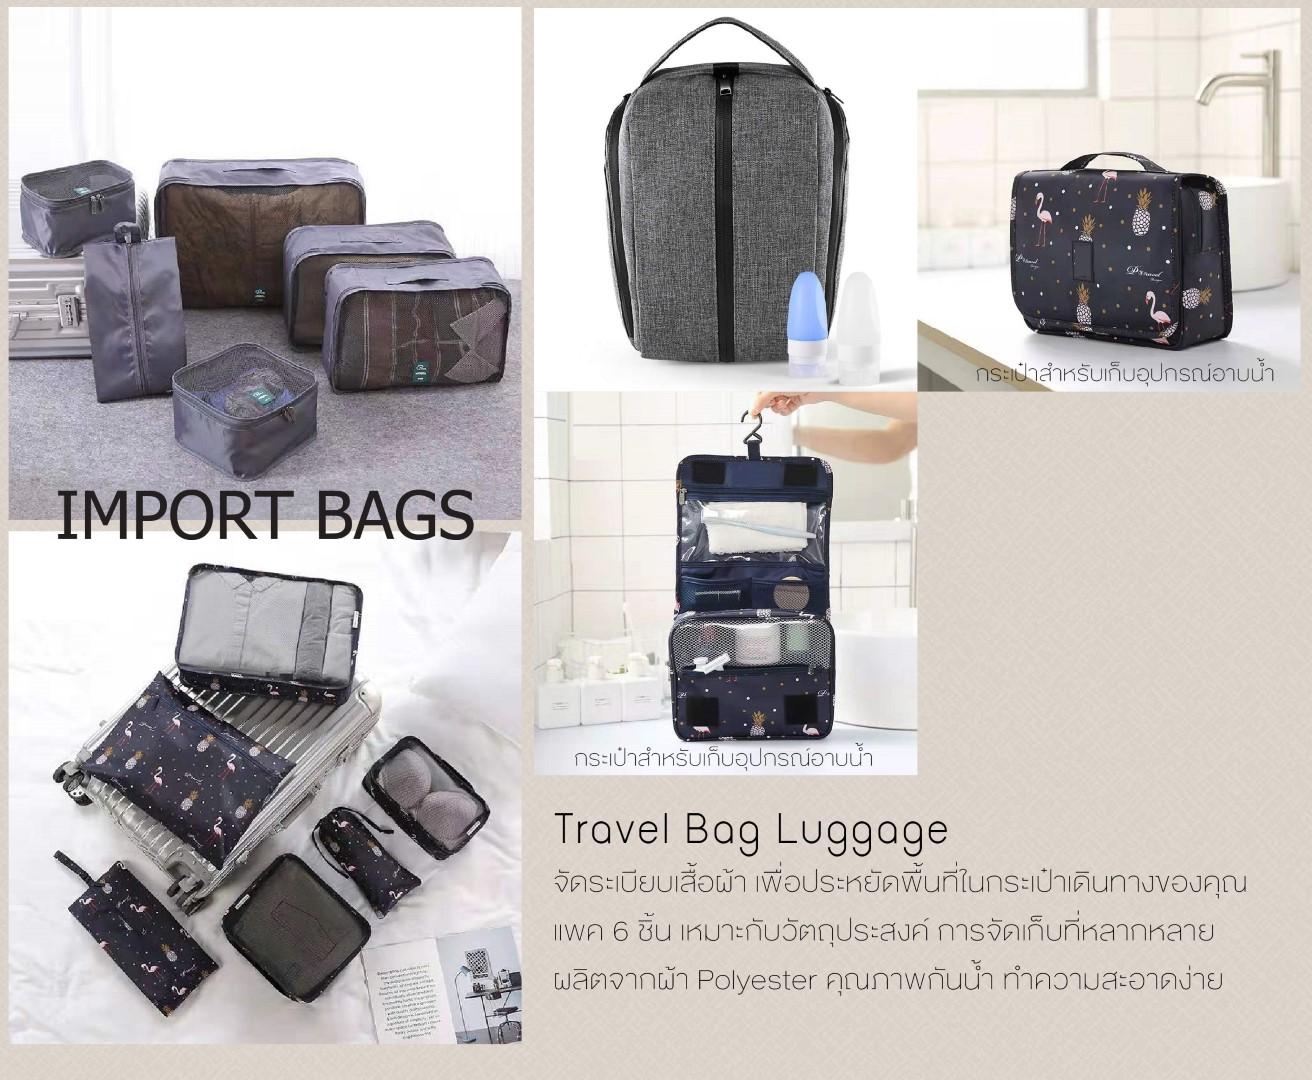 เซ็ทกระเป๋าเดินทาง กระเป๋าผ้า นำเข้าจากจีนโดยมีเอเย่นต์ที่จีนคอยตรวจงานก่อนส่งมาไทย